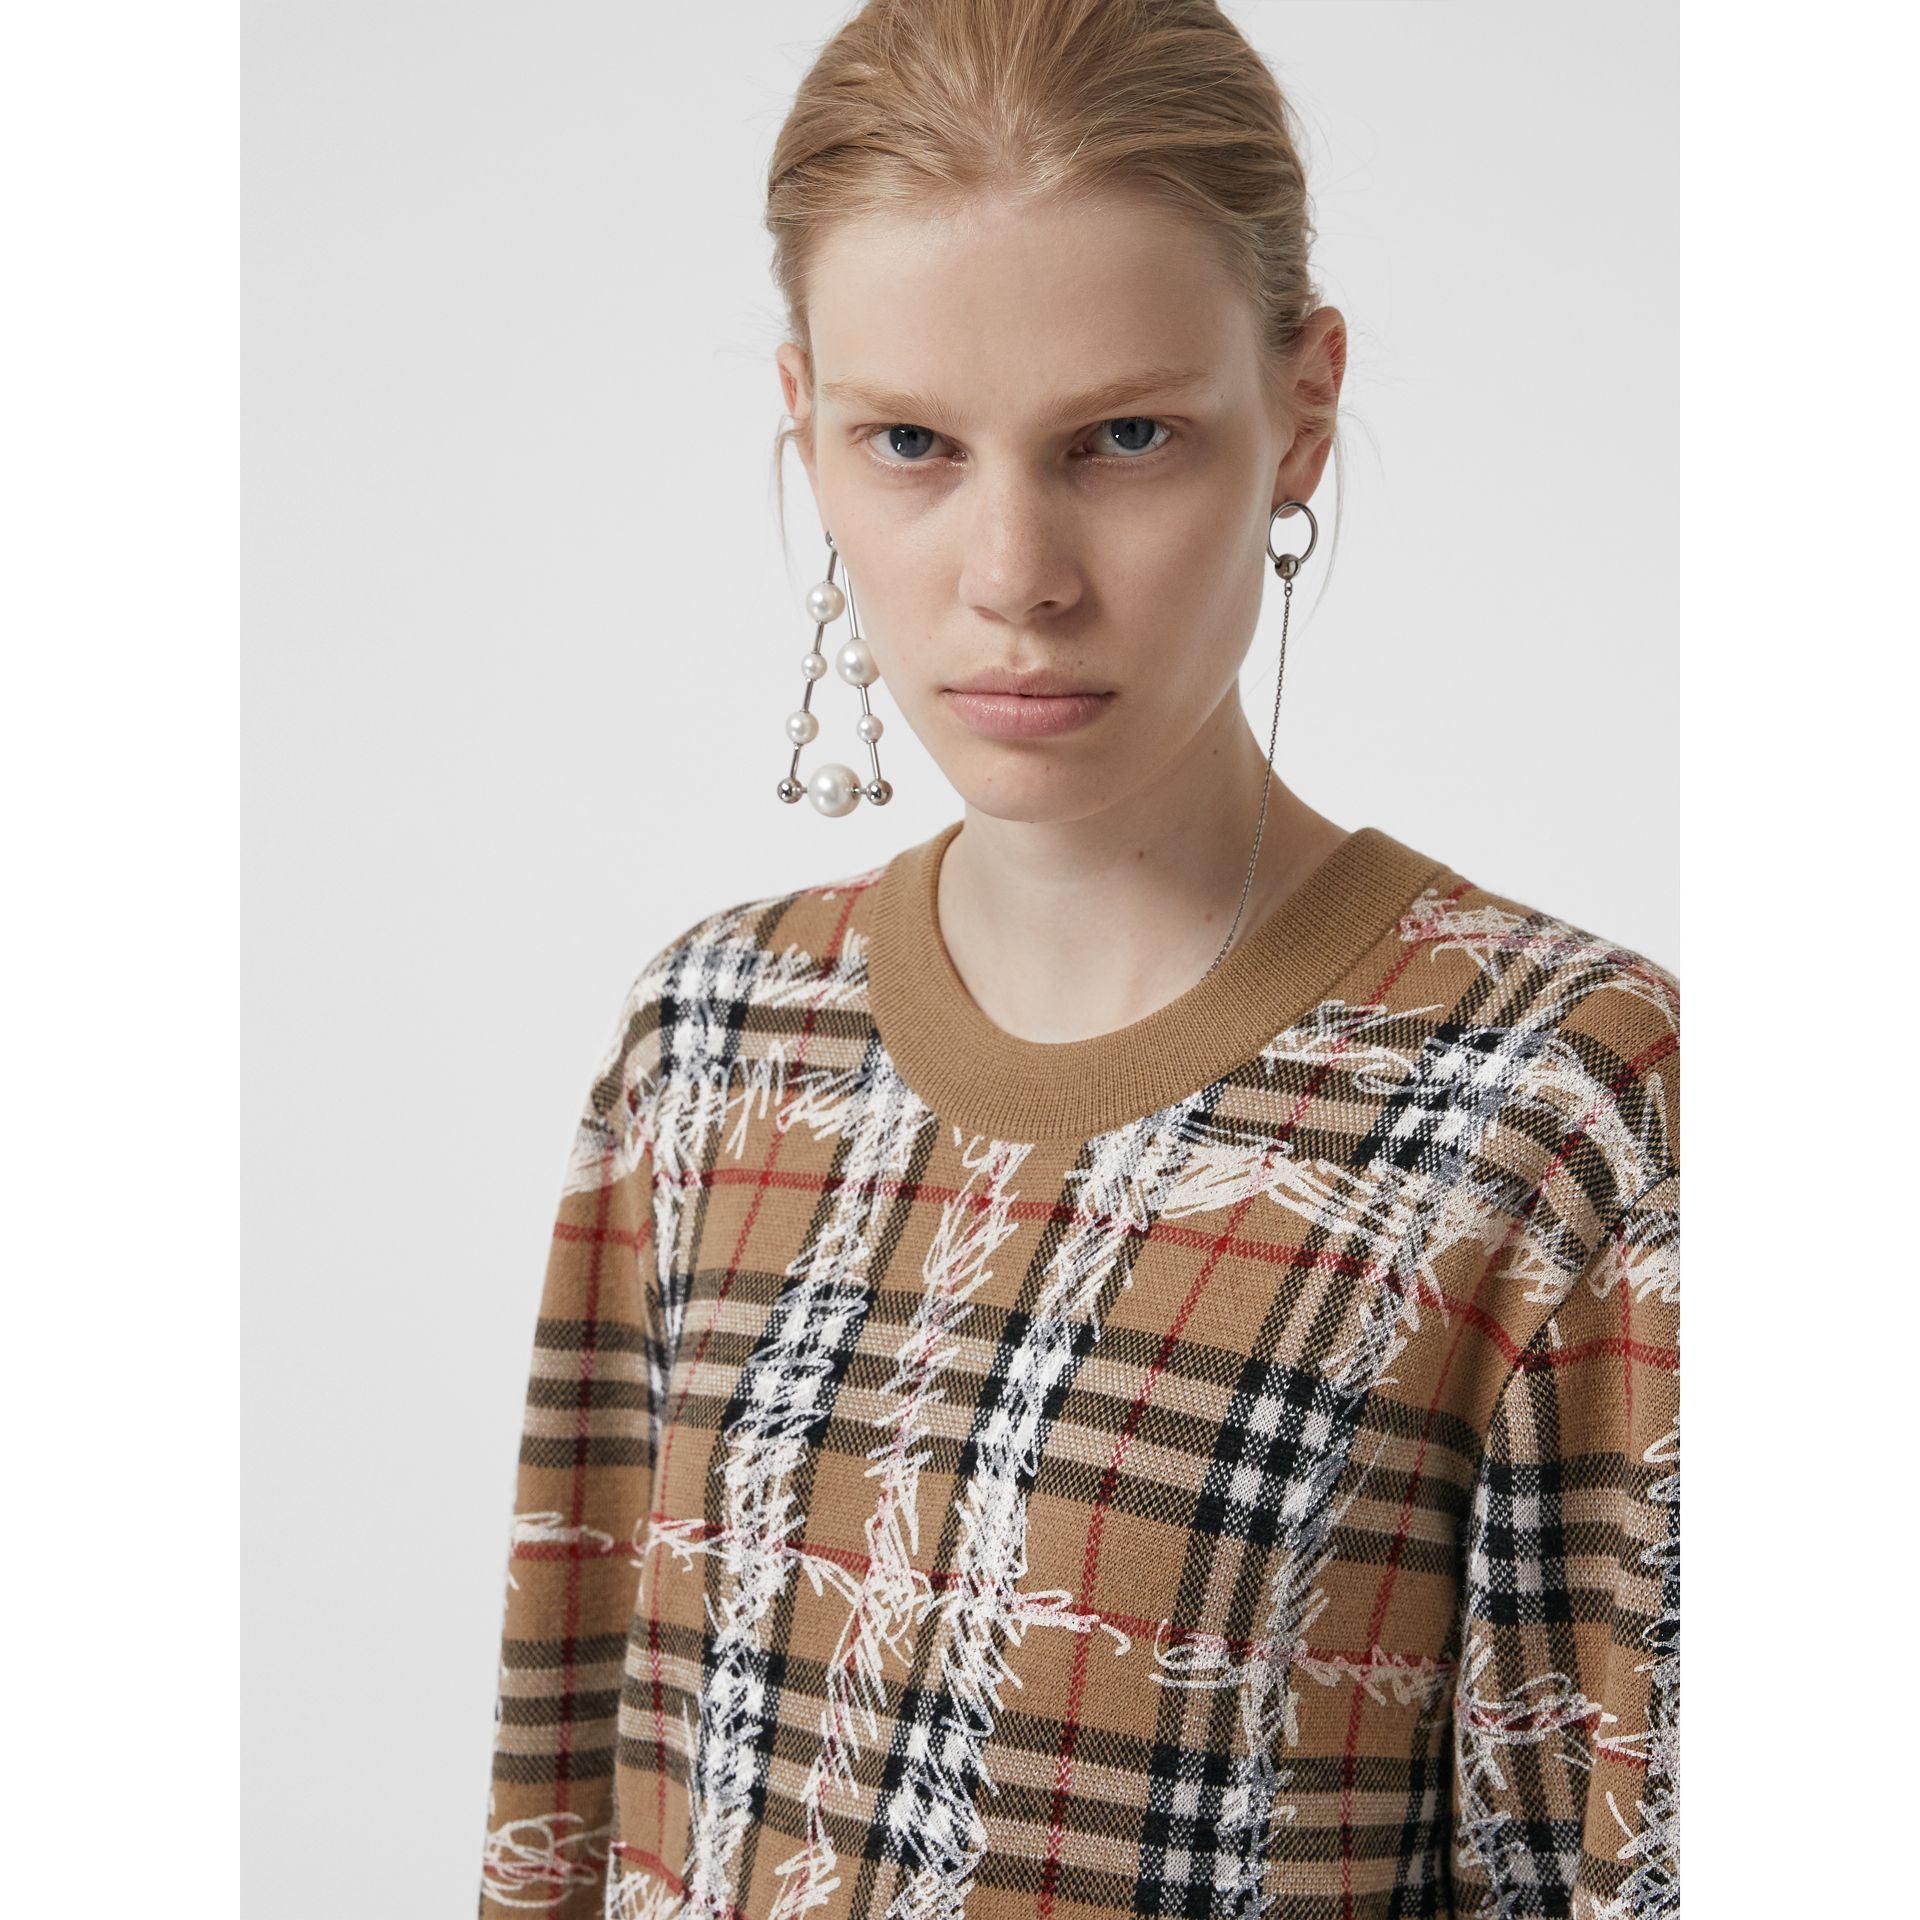 Pull en laine mérinos à motif check griffonné (Camel/blanc) - Femme | Burberry Canada - photo de la galerie 1